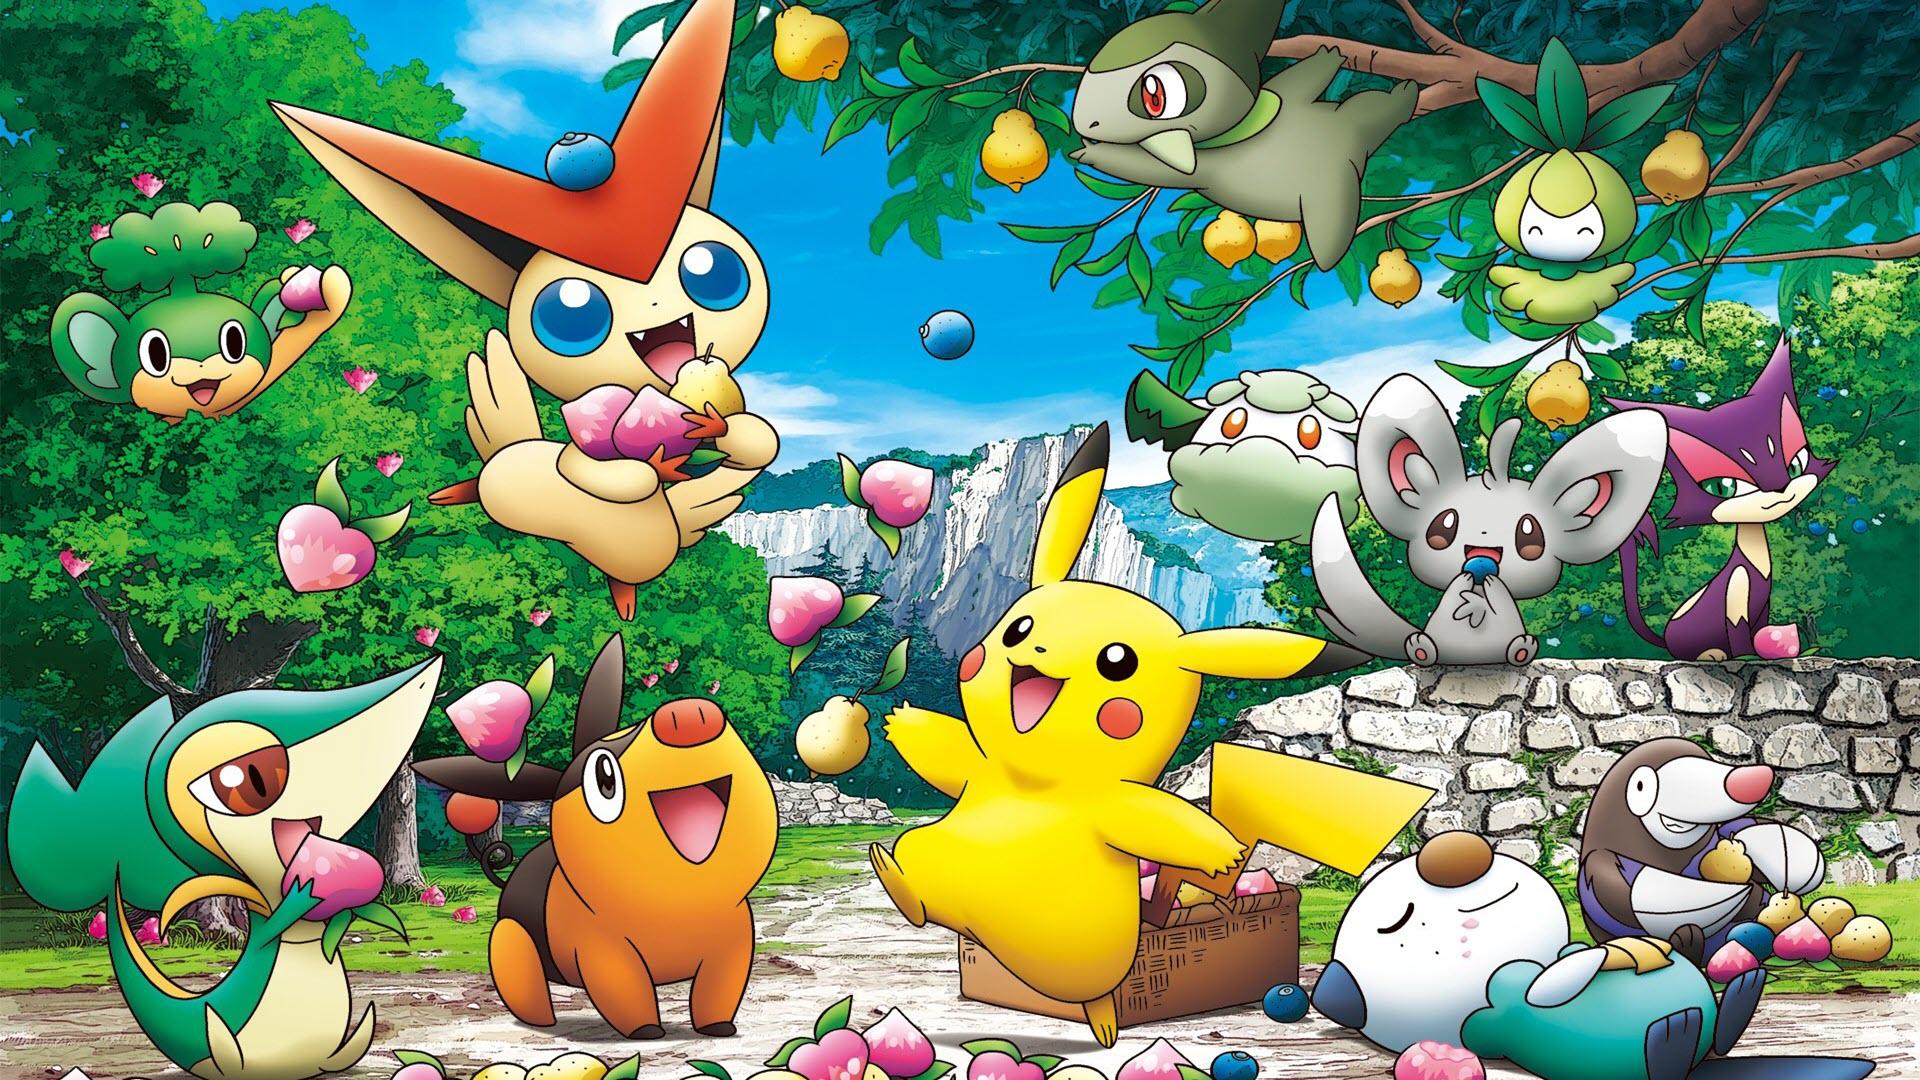 Hình nền hoạt hình pokemon